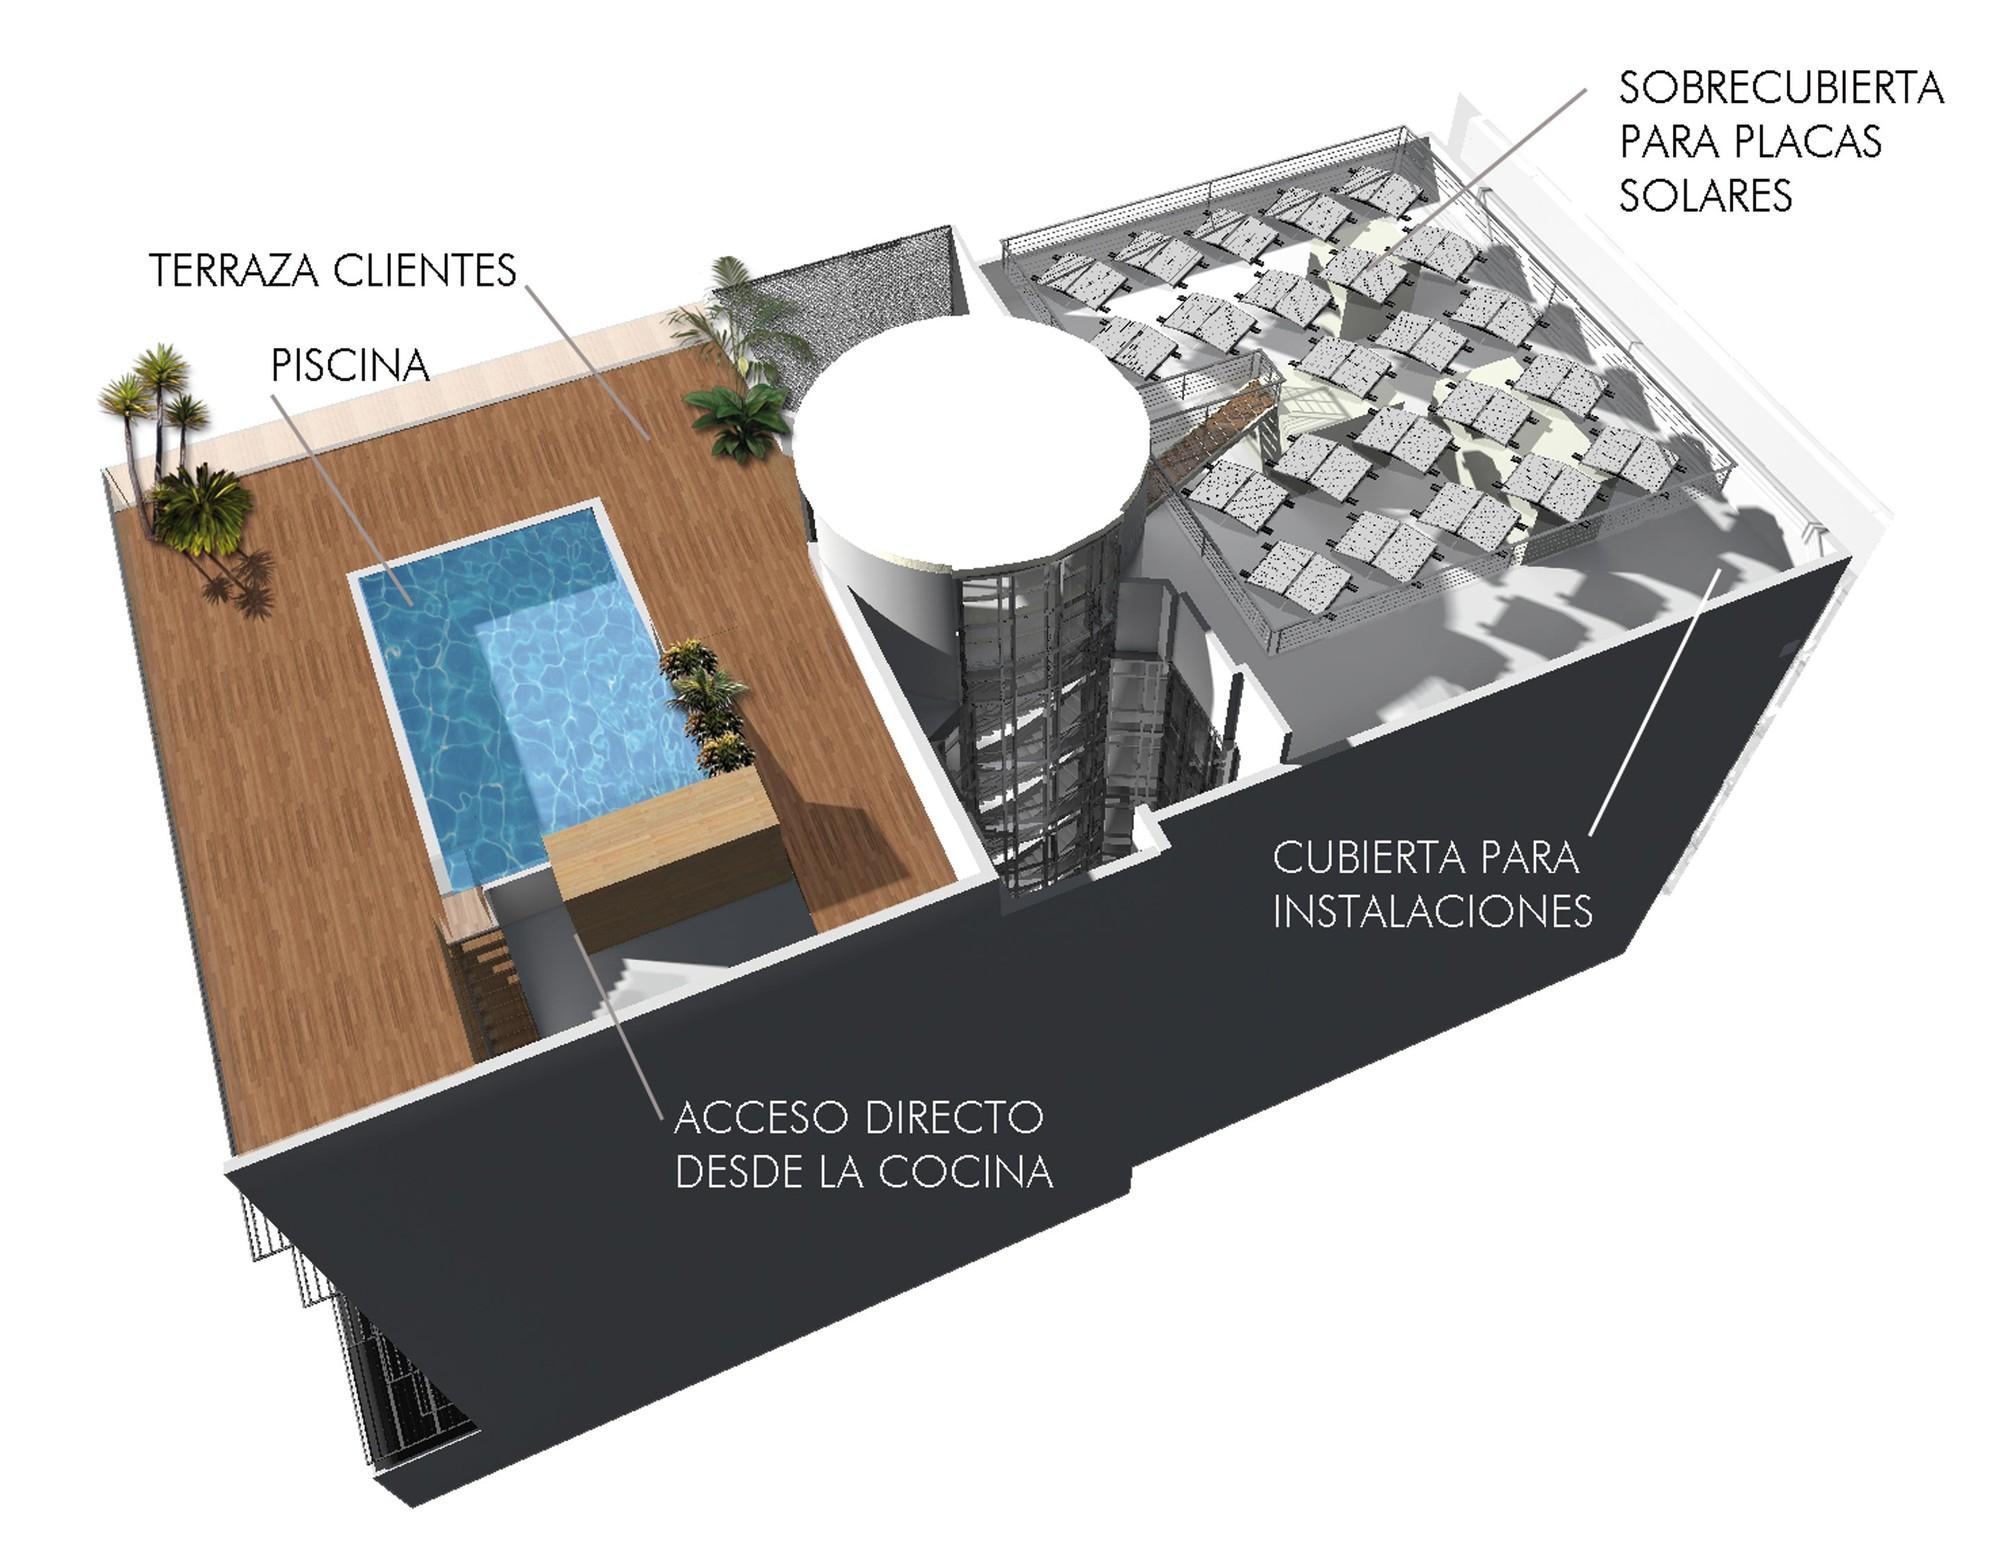 Cubeirta. Image Courtesy of Julia Ayuso Sánchez y Antonio J. Martínez Alarcón